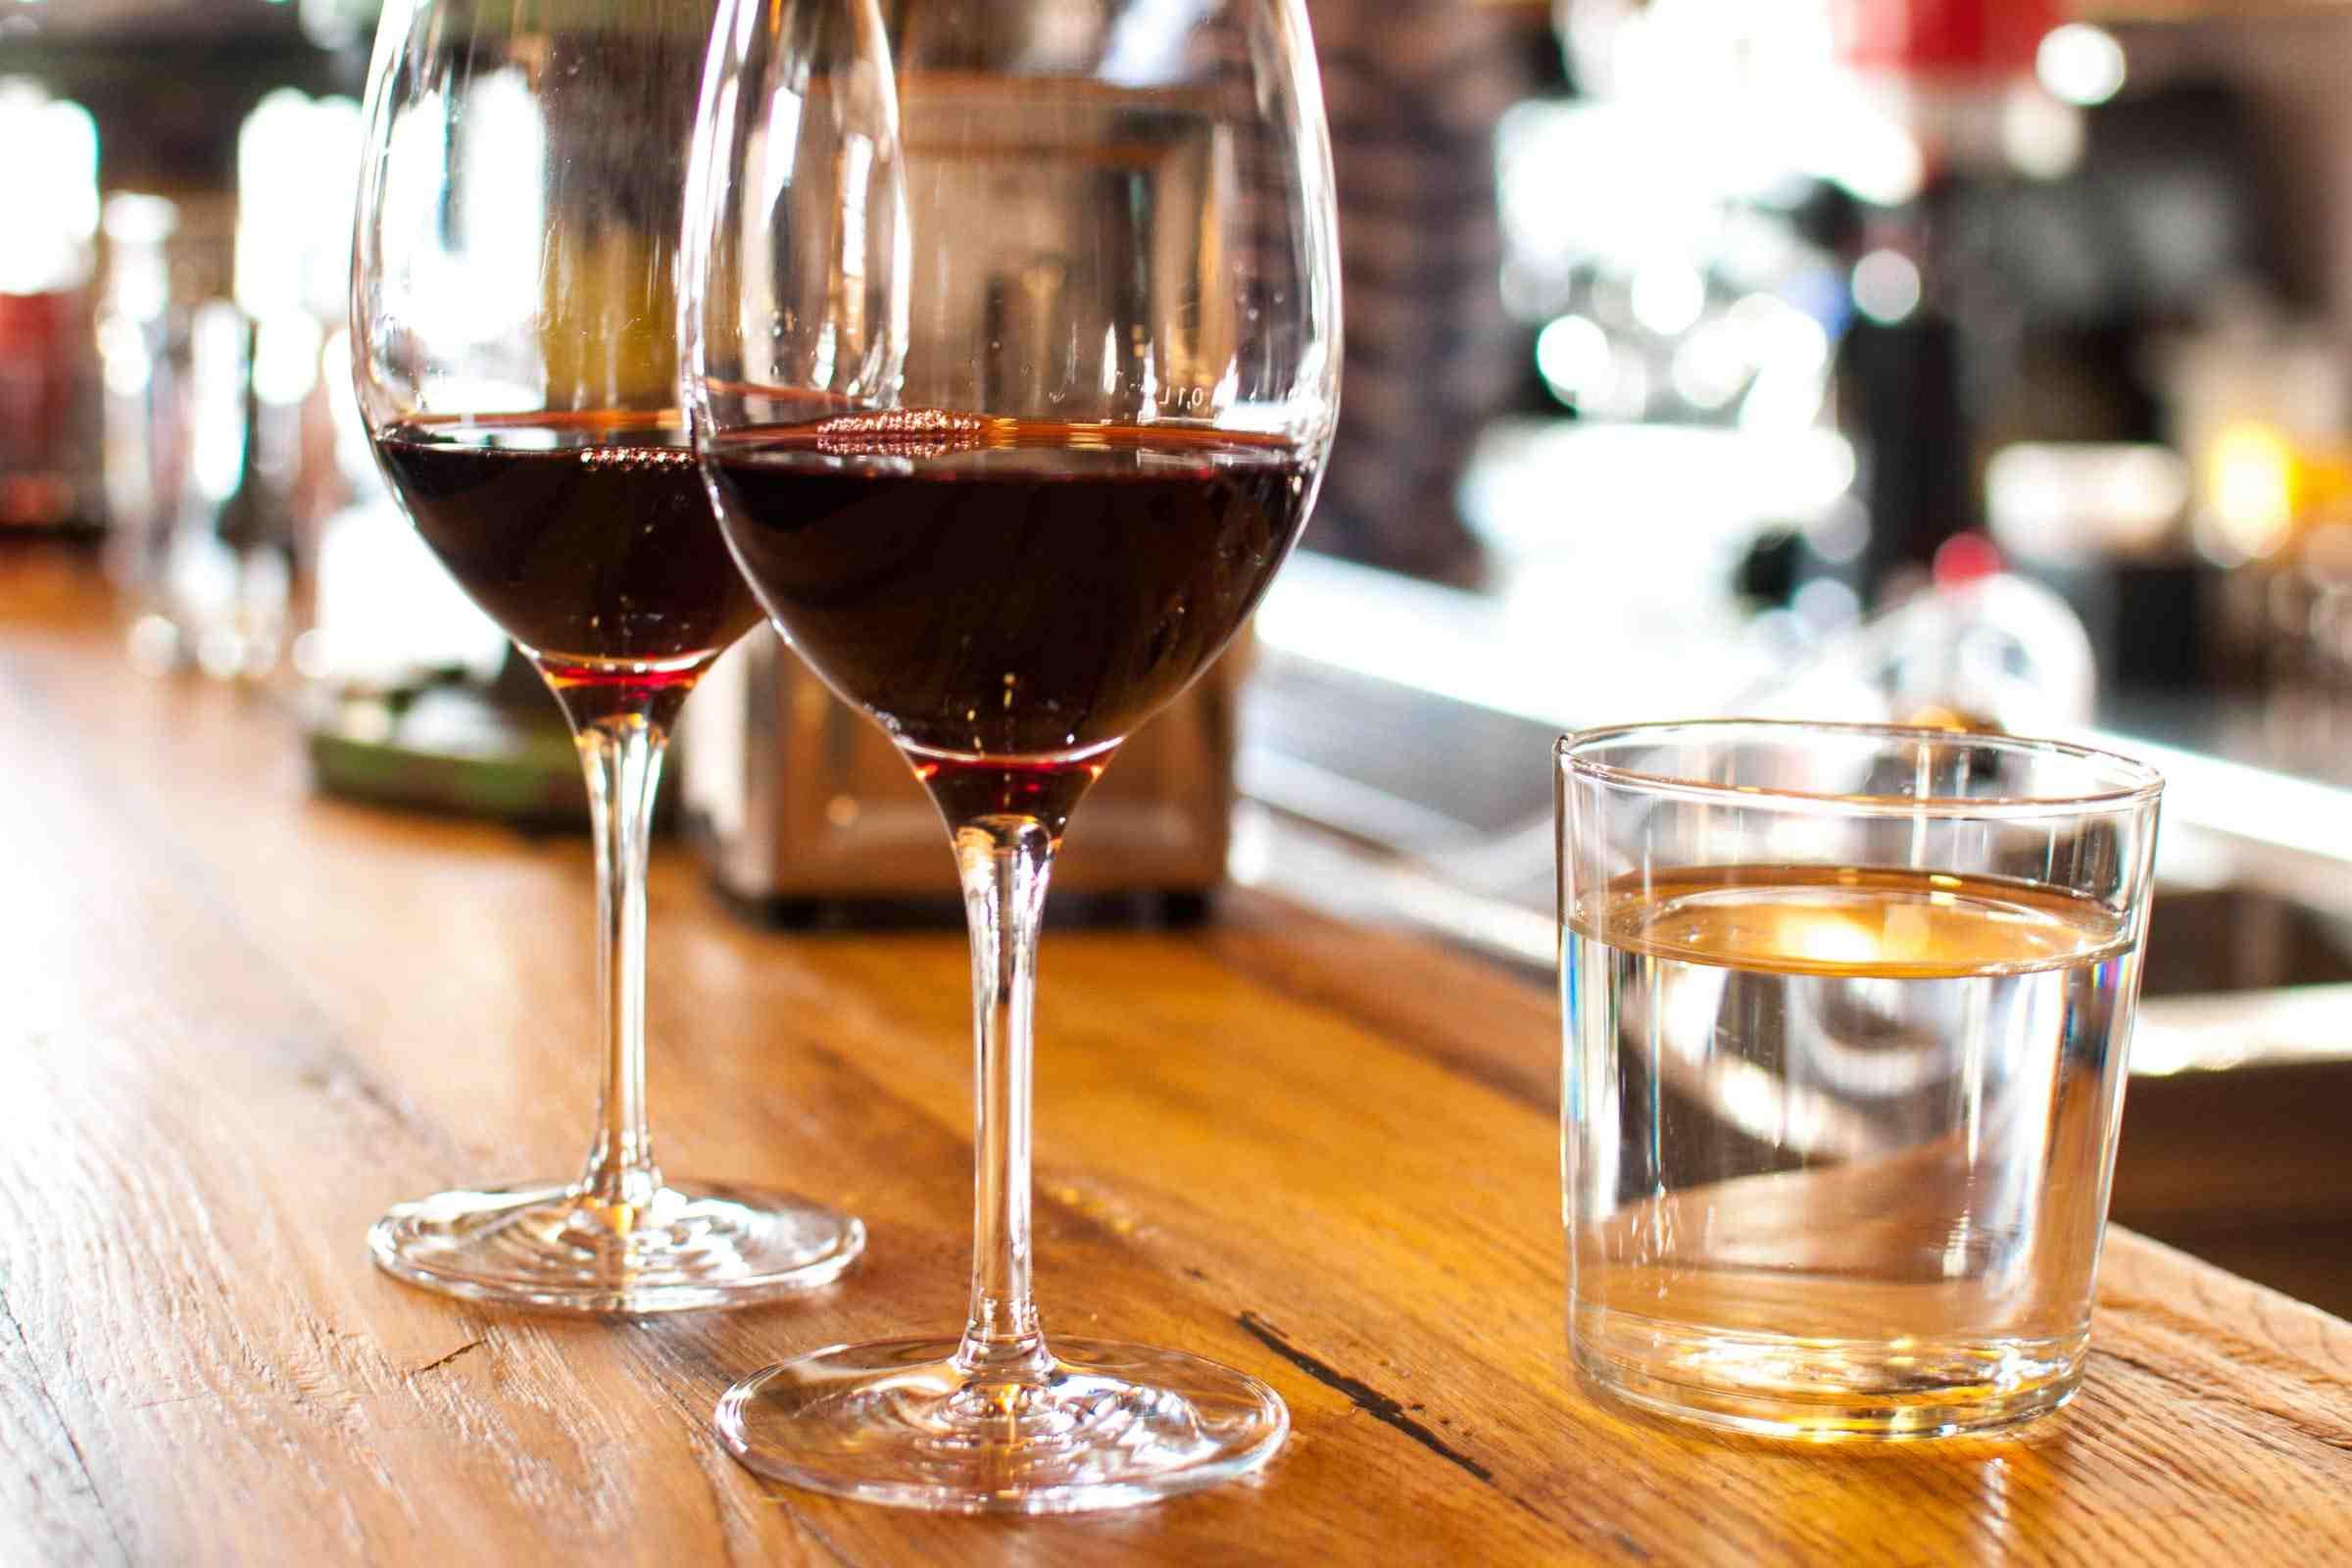 Est-il dangereux de boire 3 verres de vin par jour?